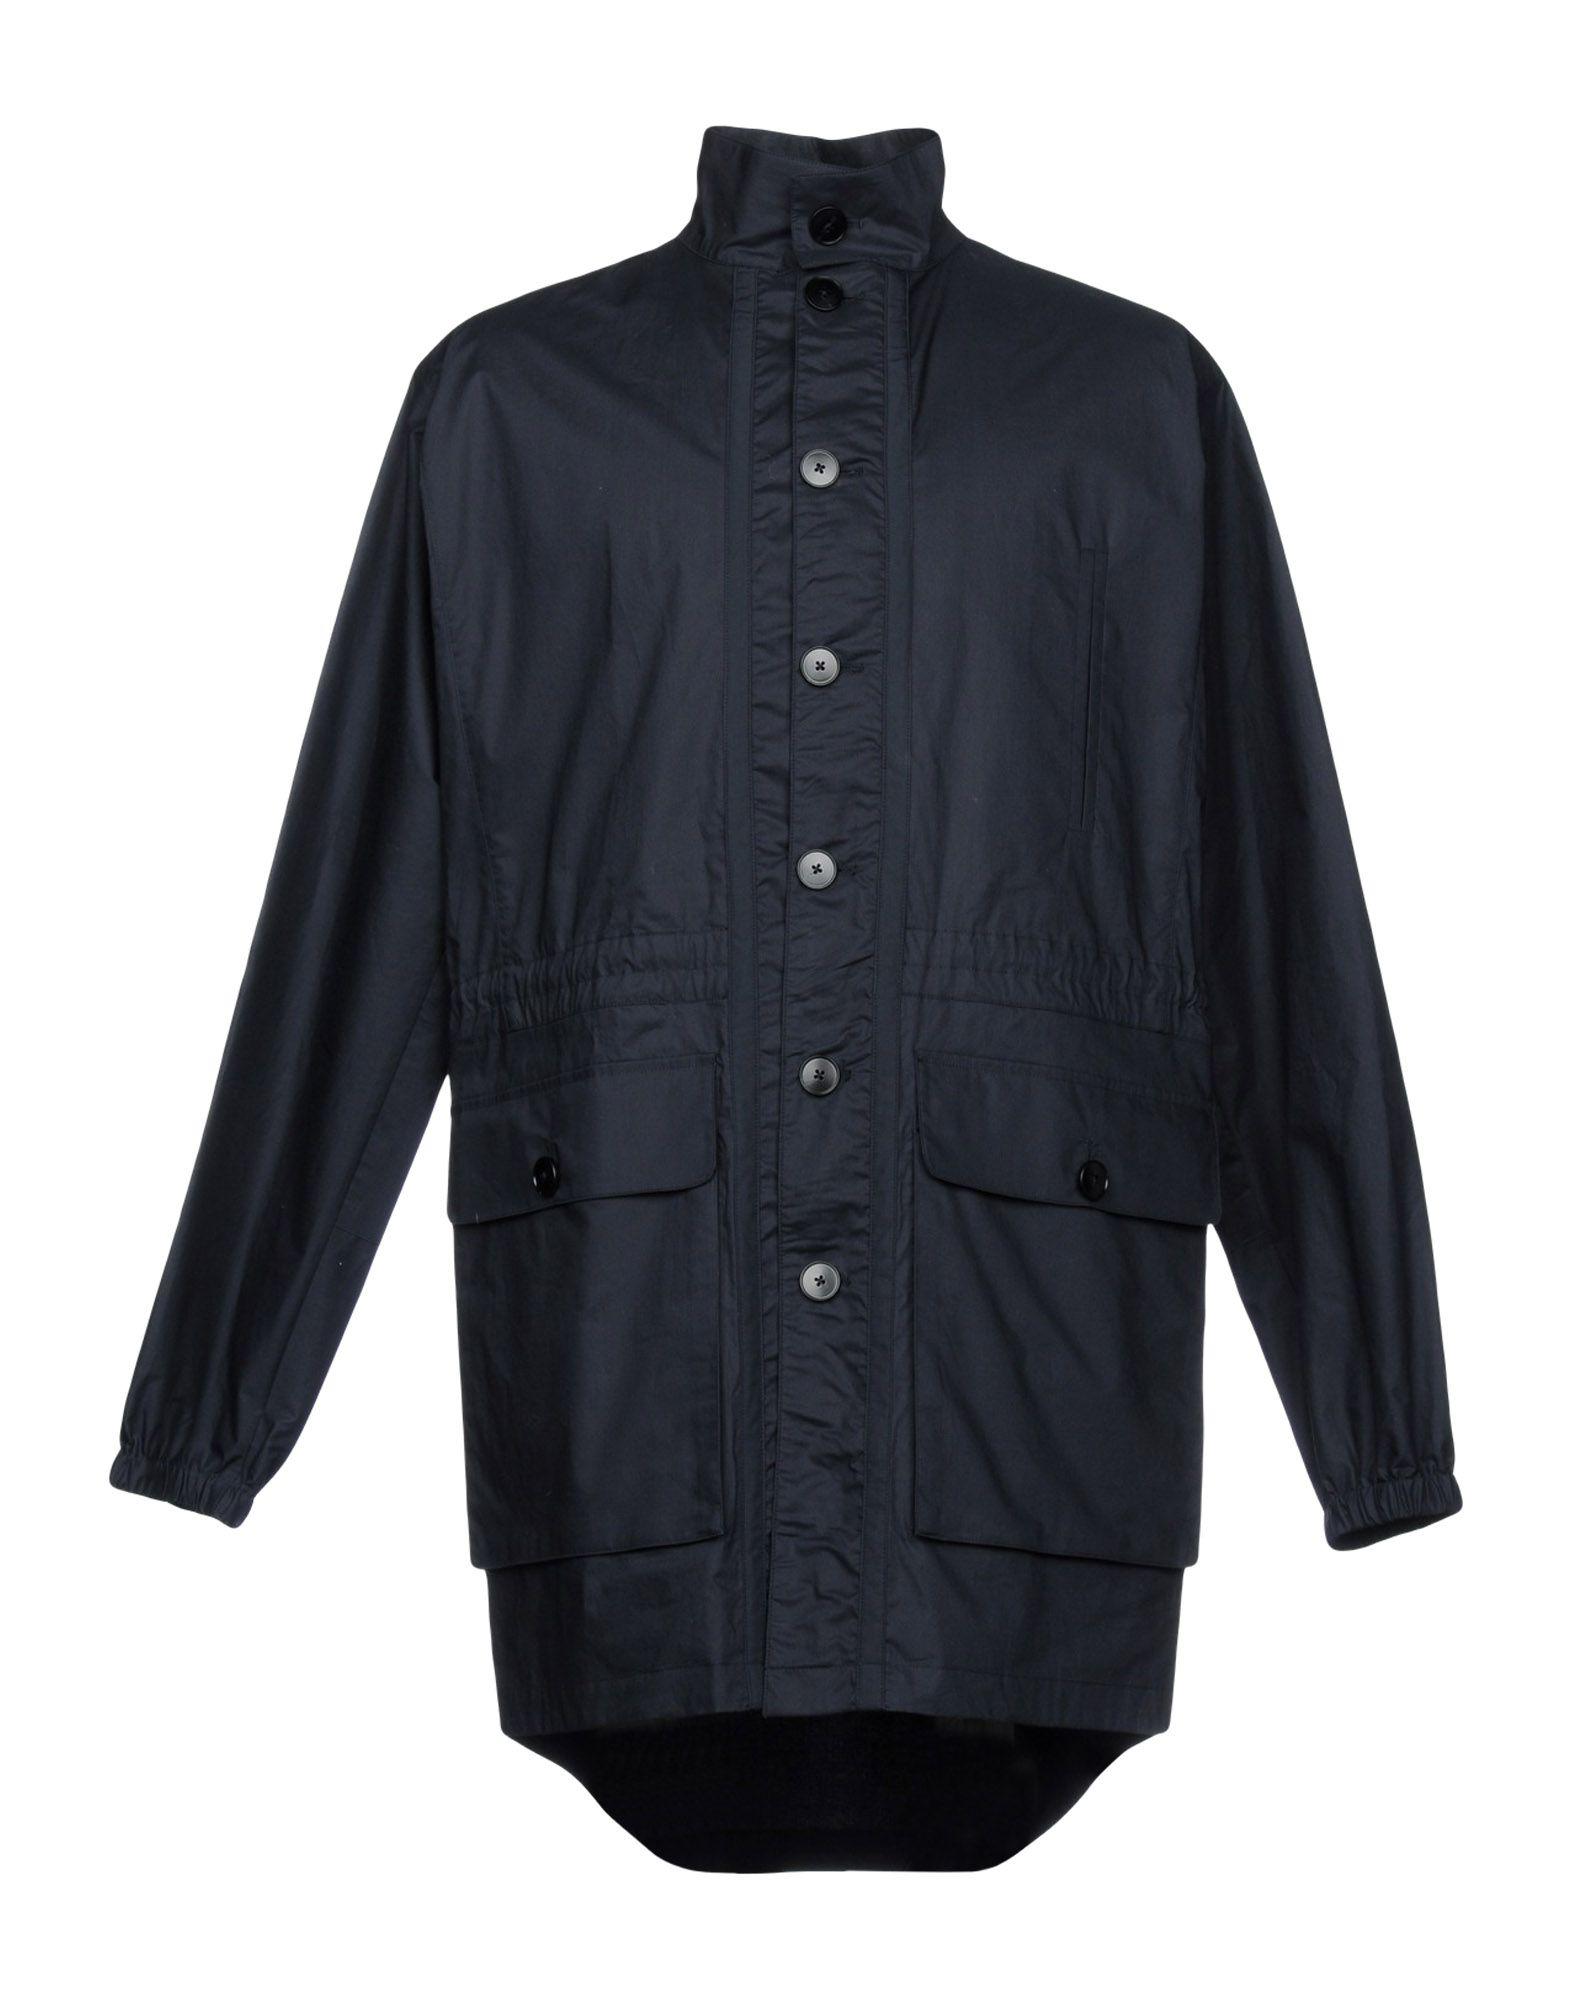 HELBERS Full-Length Jacket in Dark Blue